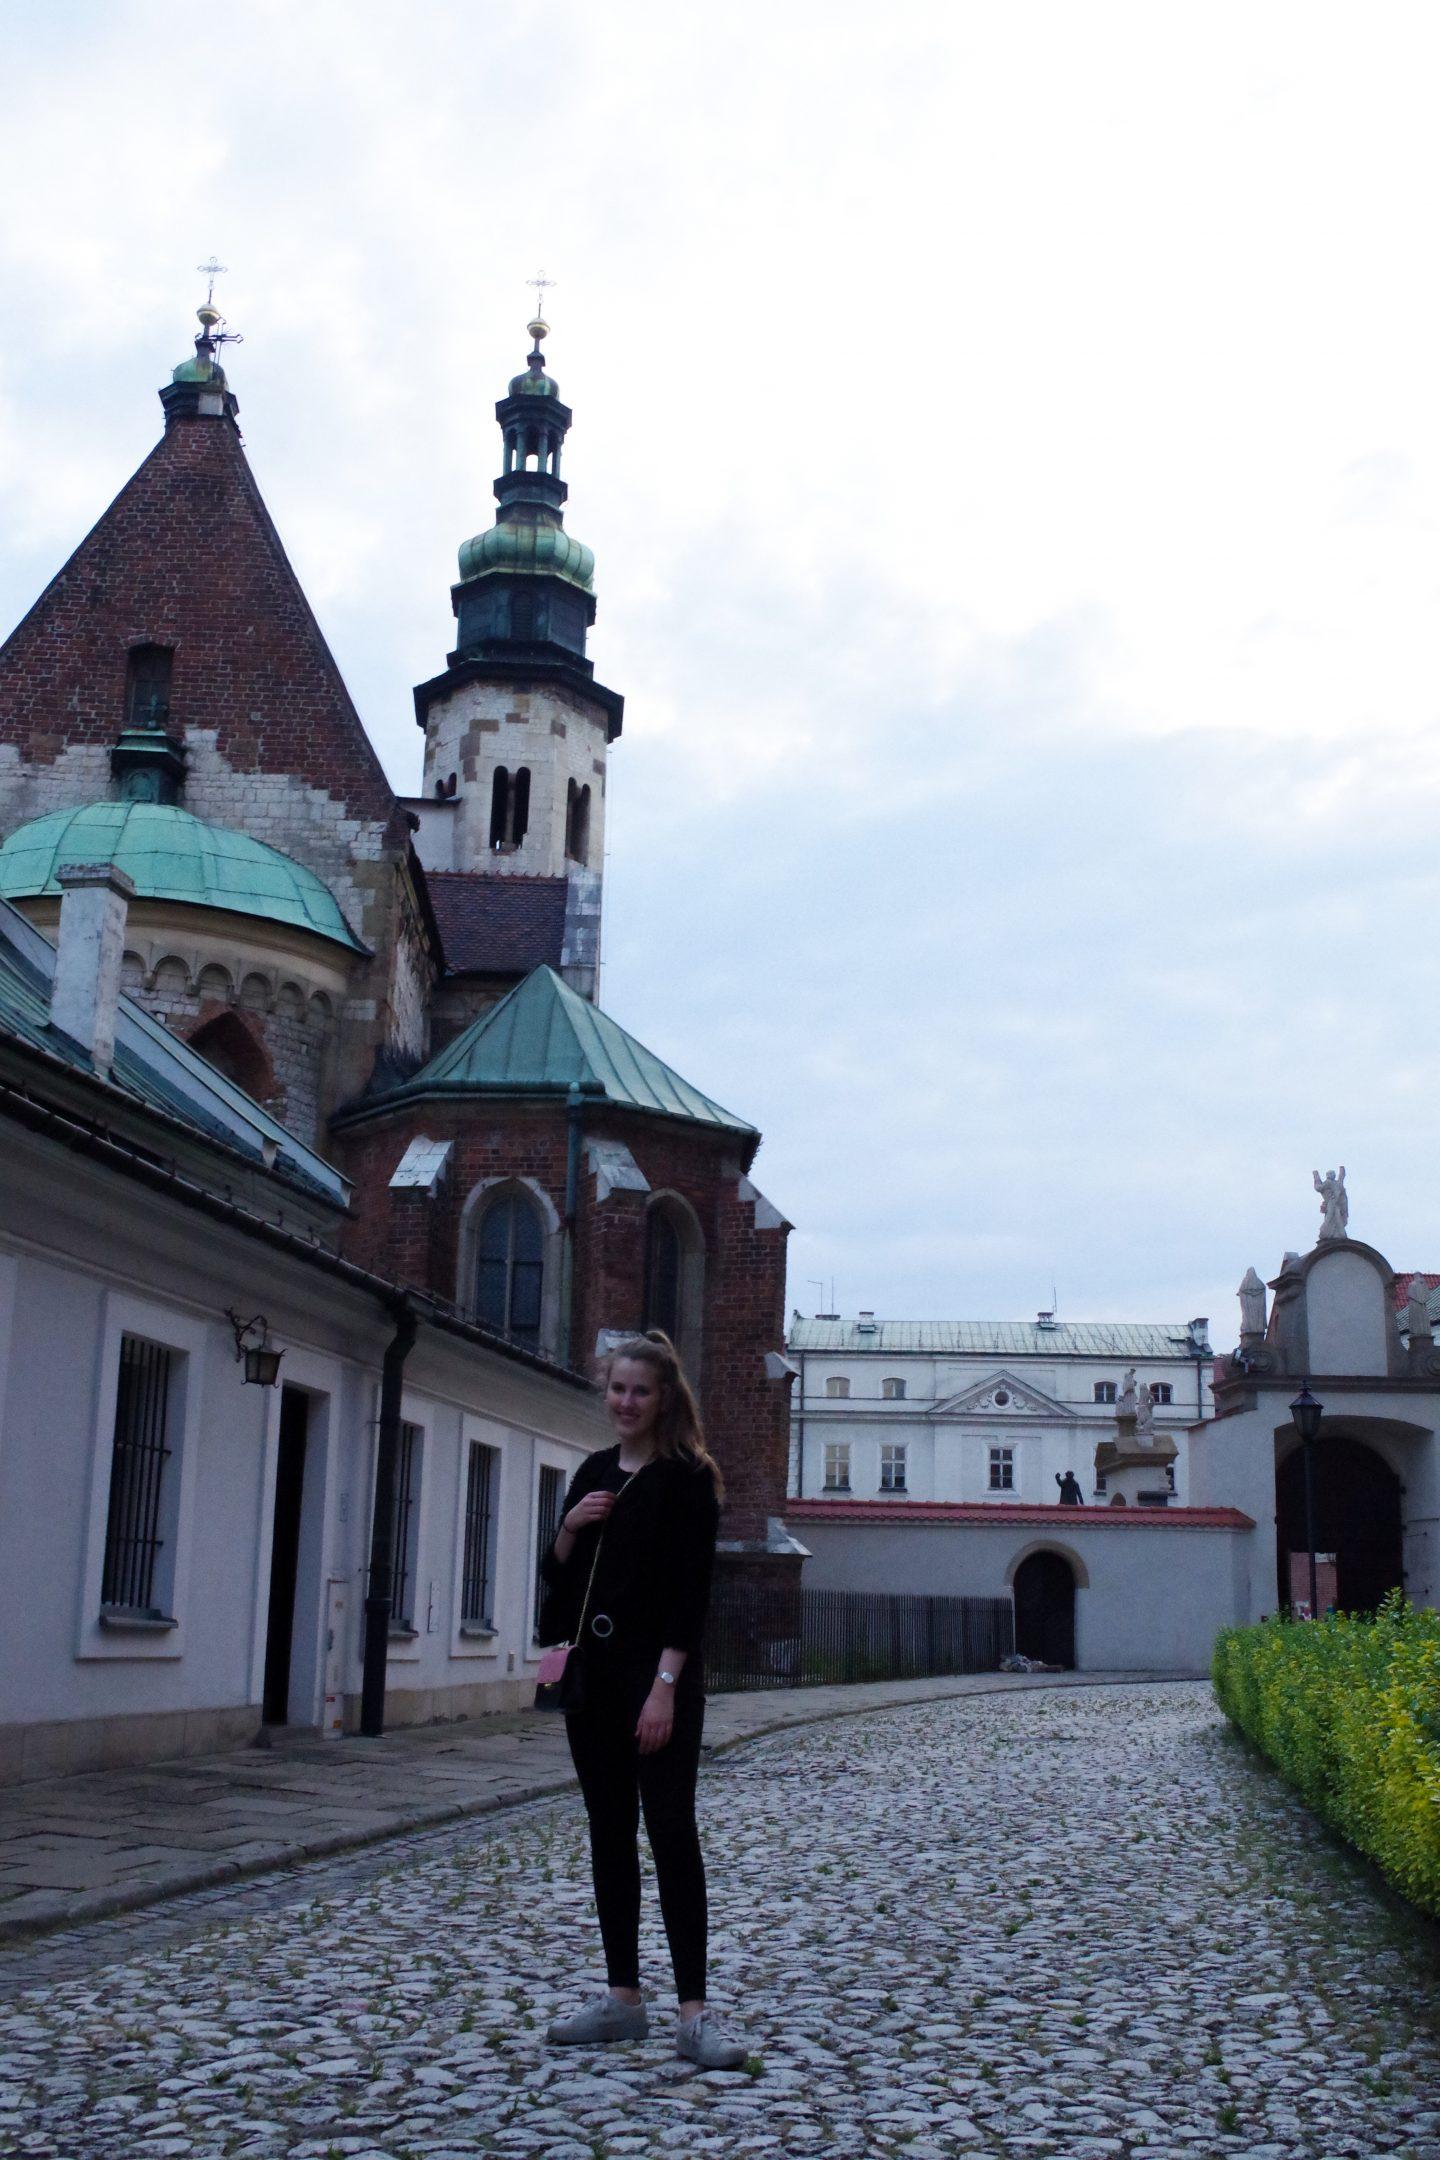 Kraków Travel Guide |Old Town, Kazimierz, Podgorzé